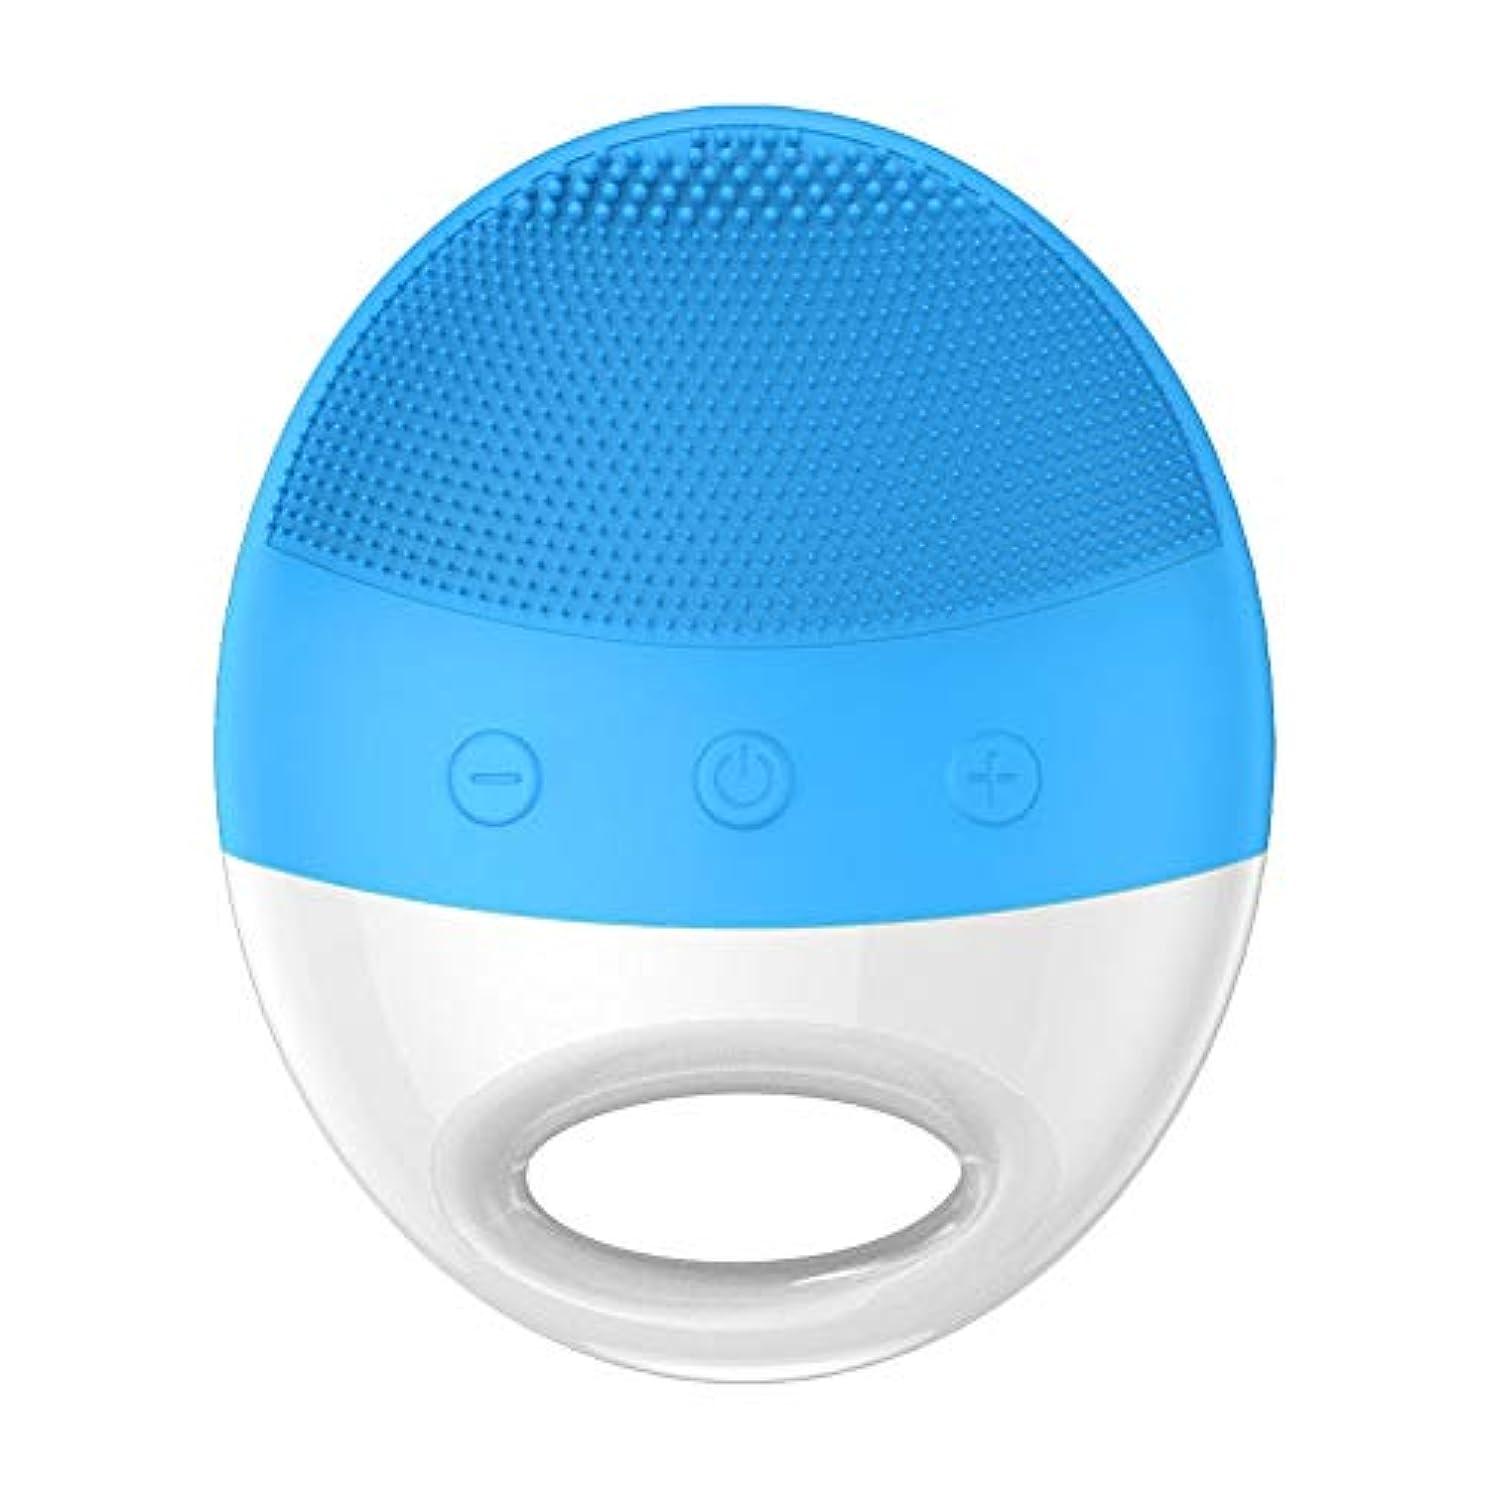 現代のポーク達成可能超音波美の洗浄器械の電気シリコーンの洗浄のアーティファクトの気孔のクリーニングの器械 (Color : Blue)